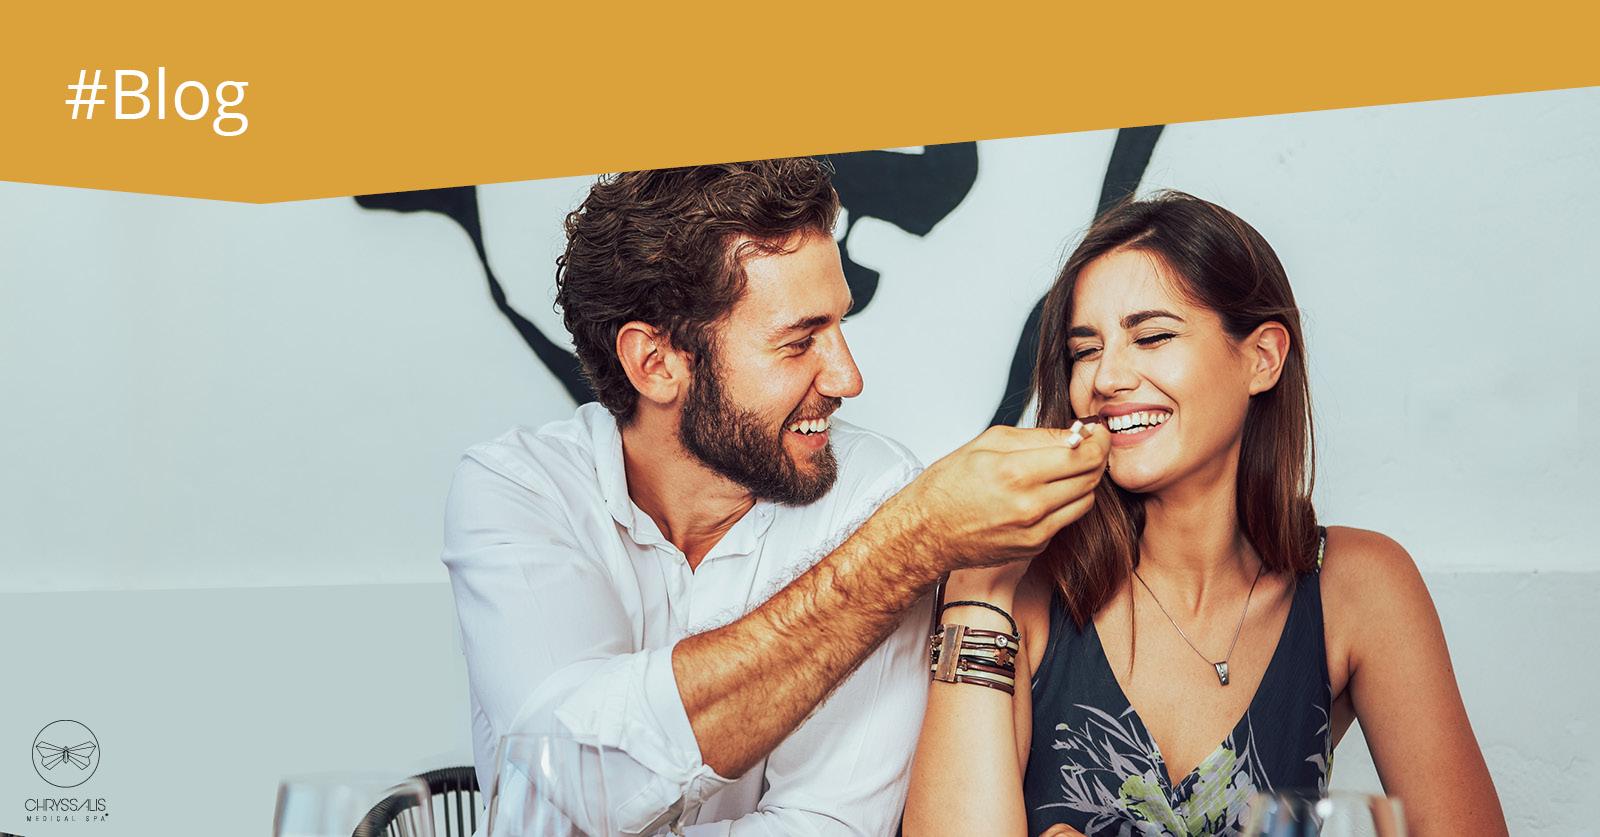 10 διατροφικές συμβουλές για να δώσετε λάμψη στο δέρμα σας